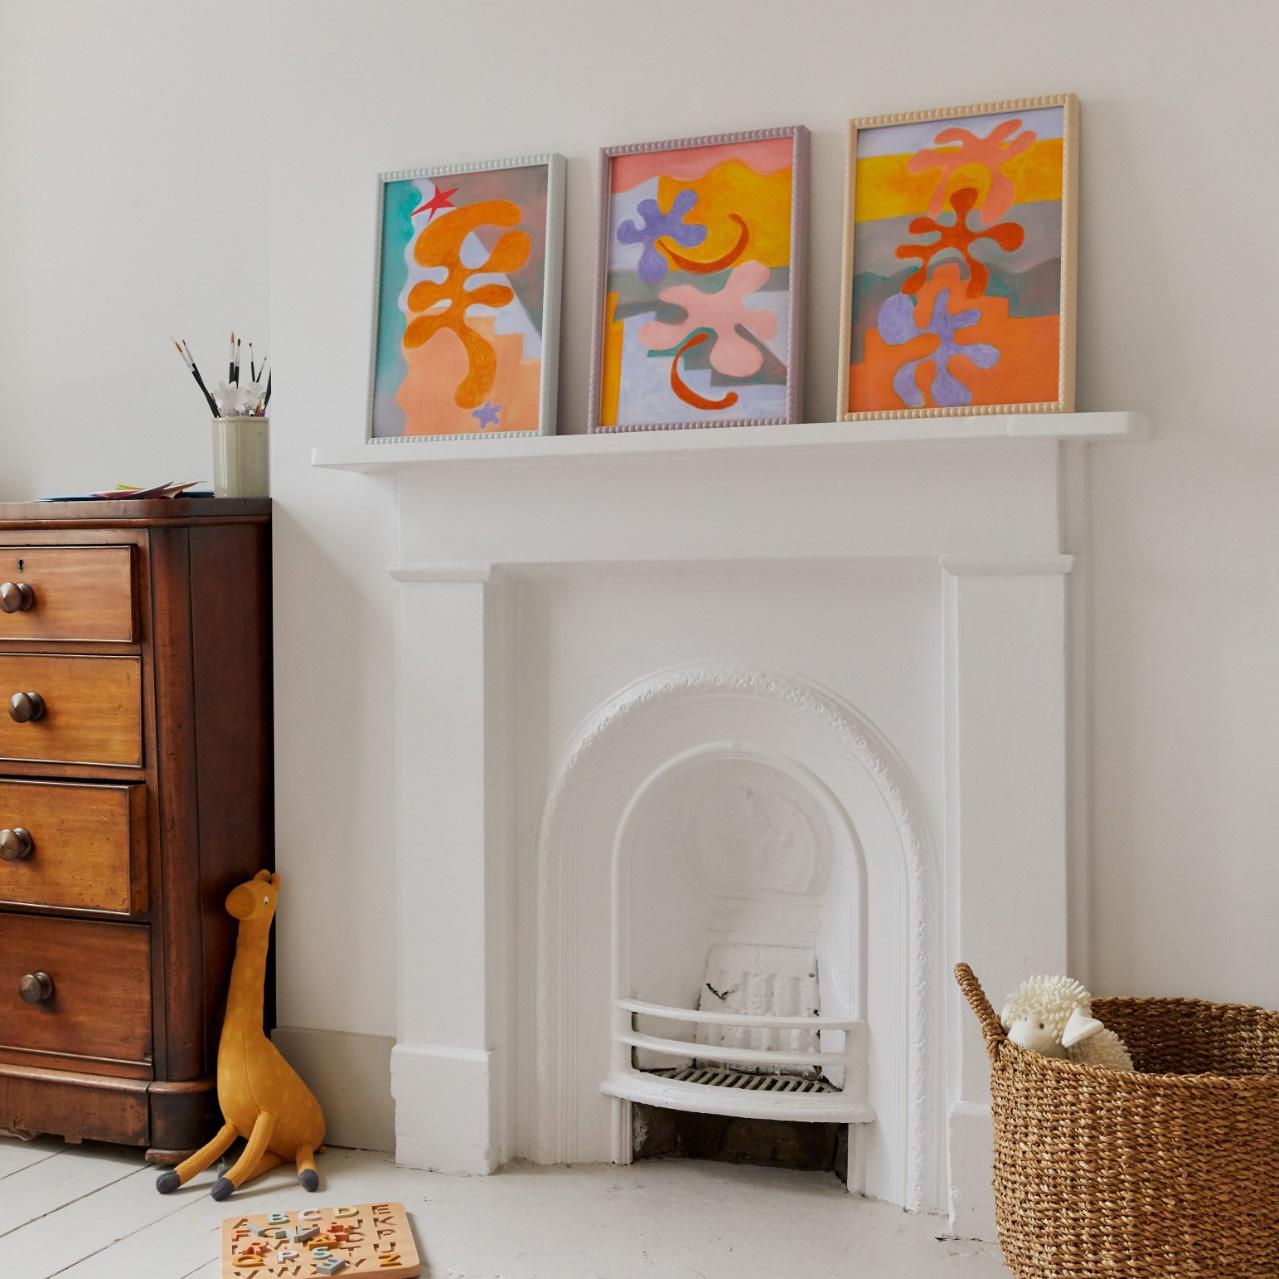 Carla Uriarte's Triptych